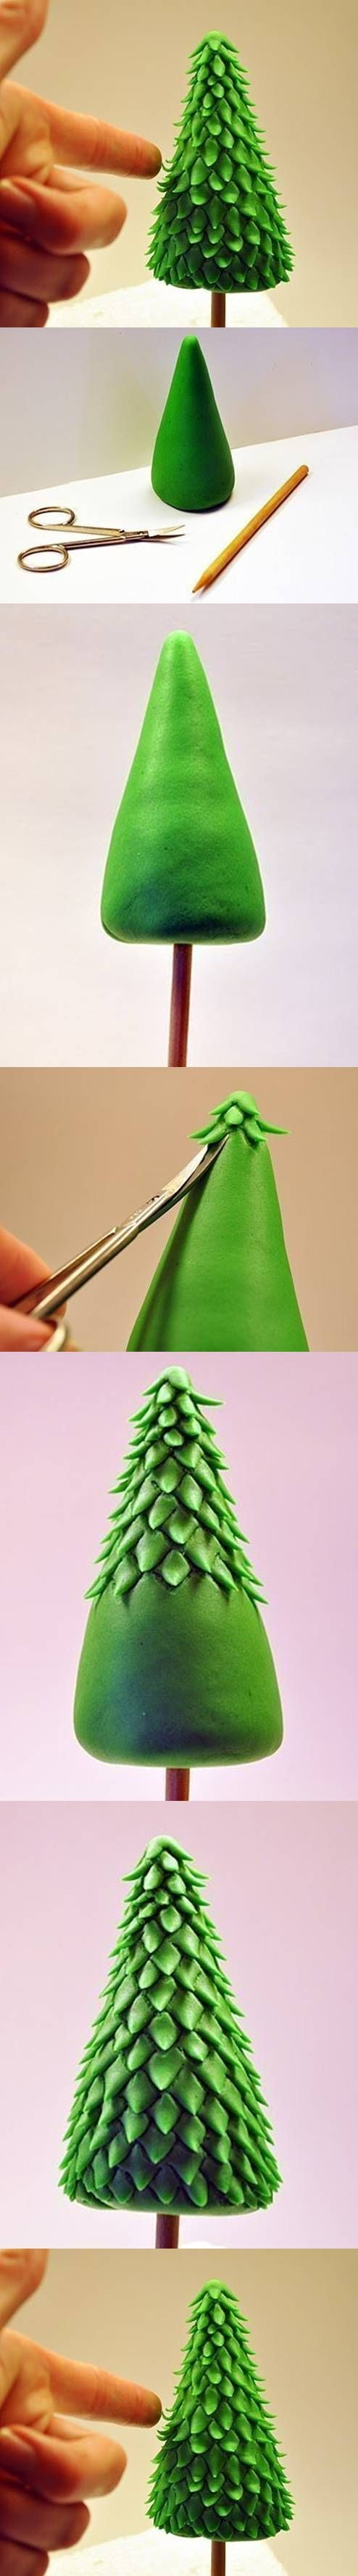 en pâte d'amande ! DIY Clay Christmas Tree